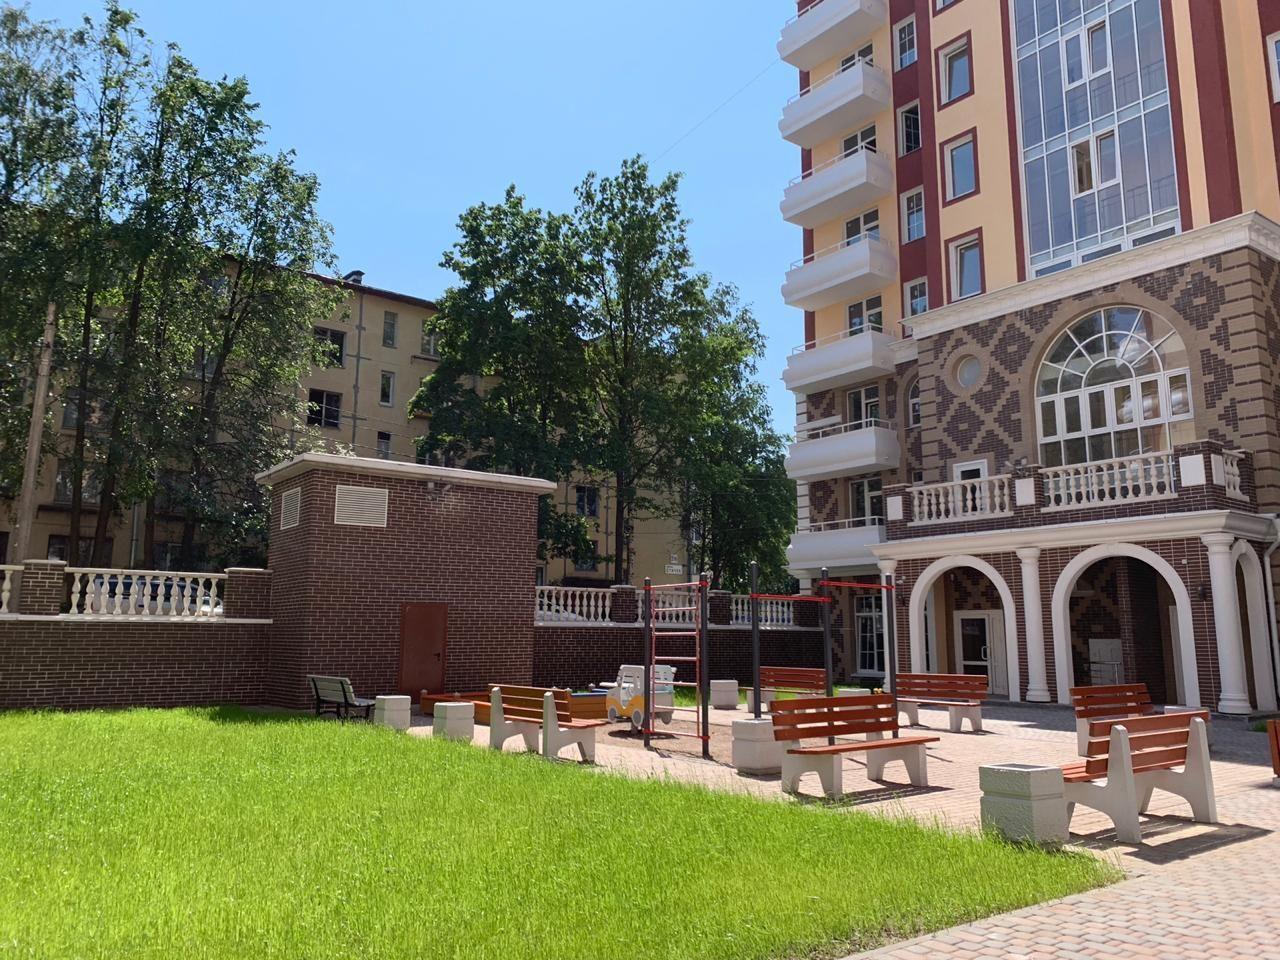 купить квартиру в ЖК Шереметевский дворец